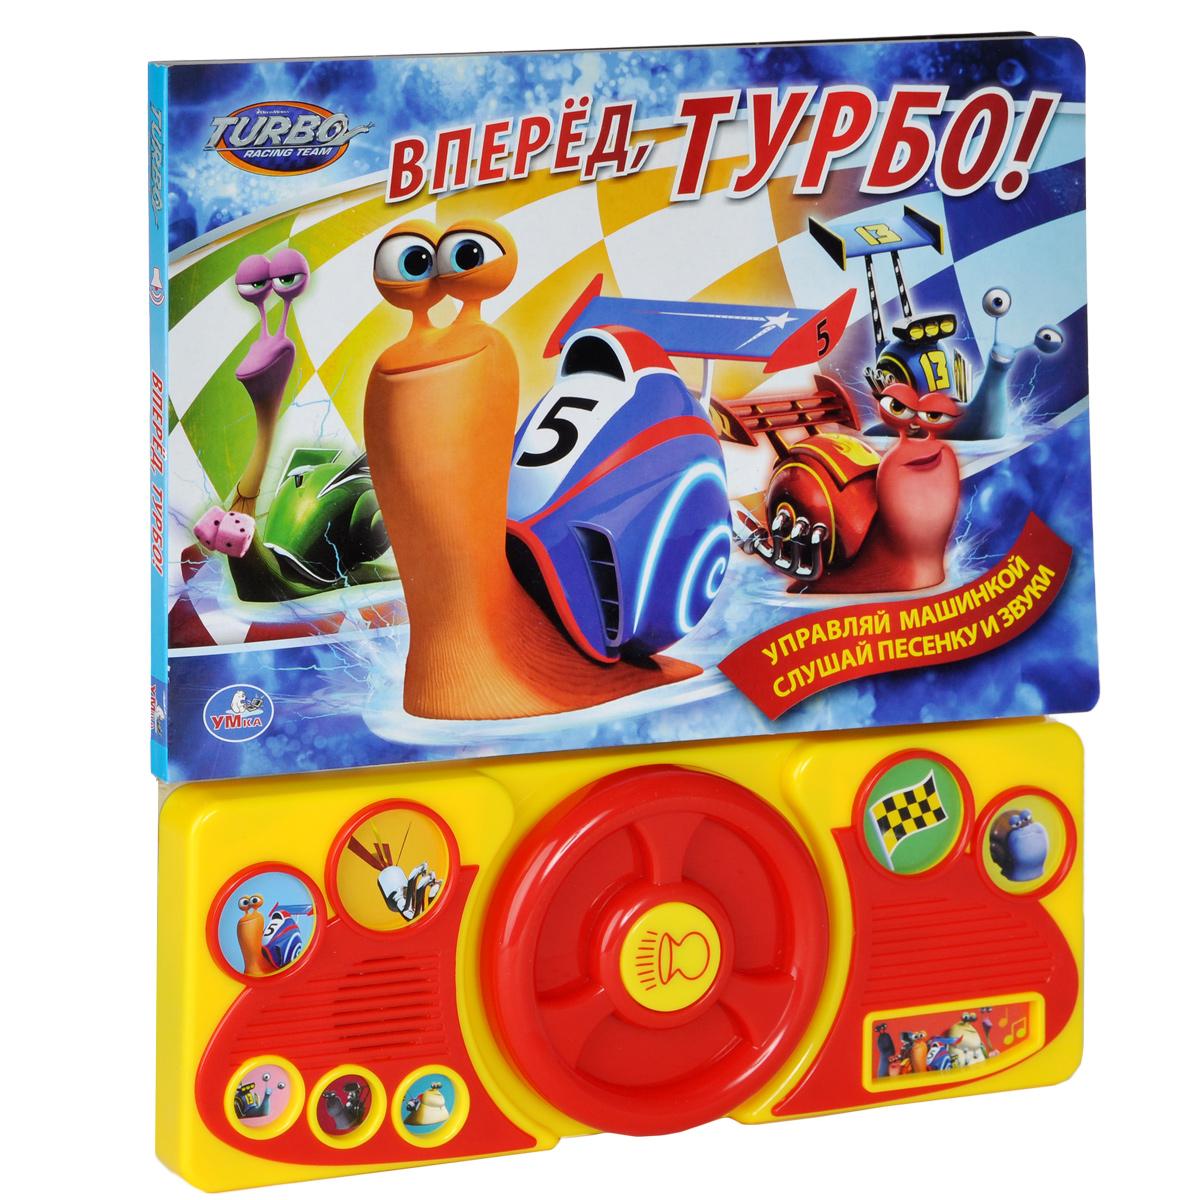 Вперед, Турбо! Книжка-игрушка